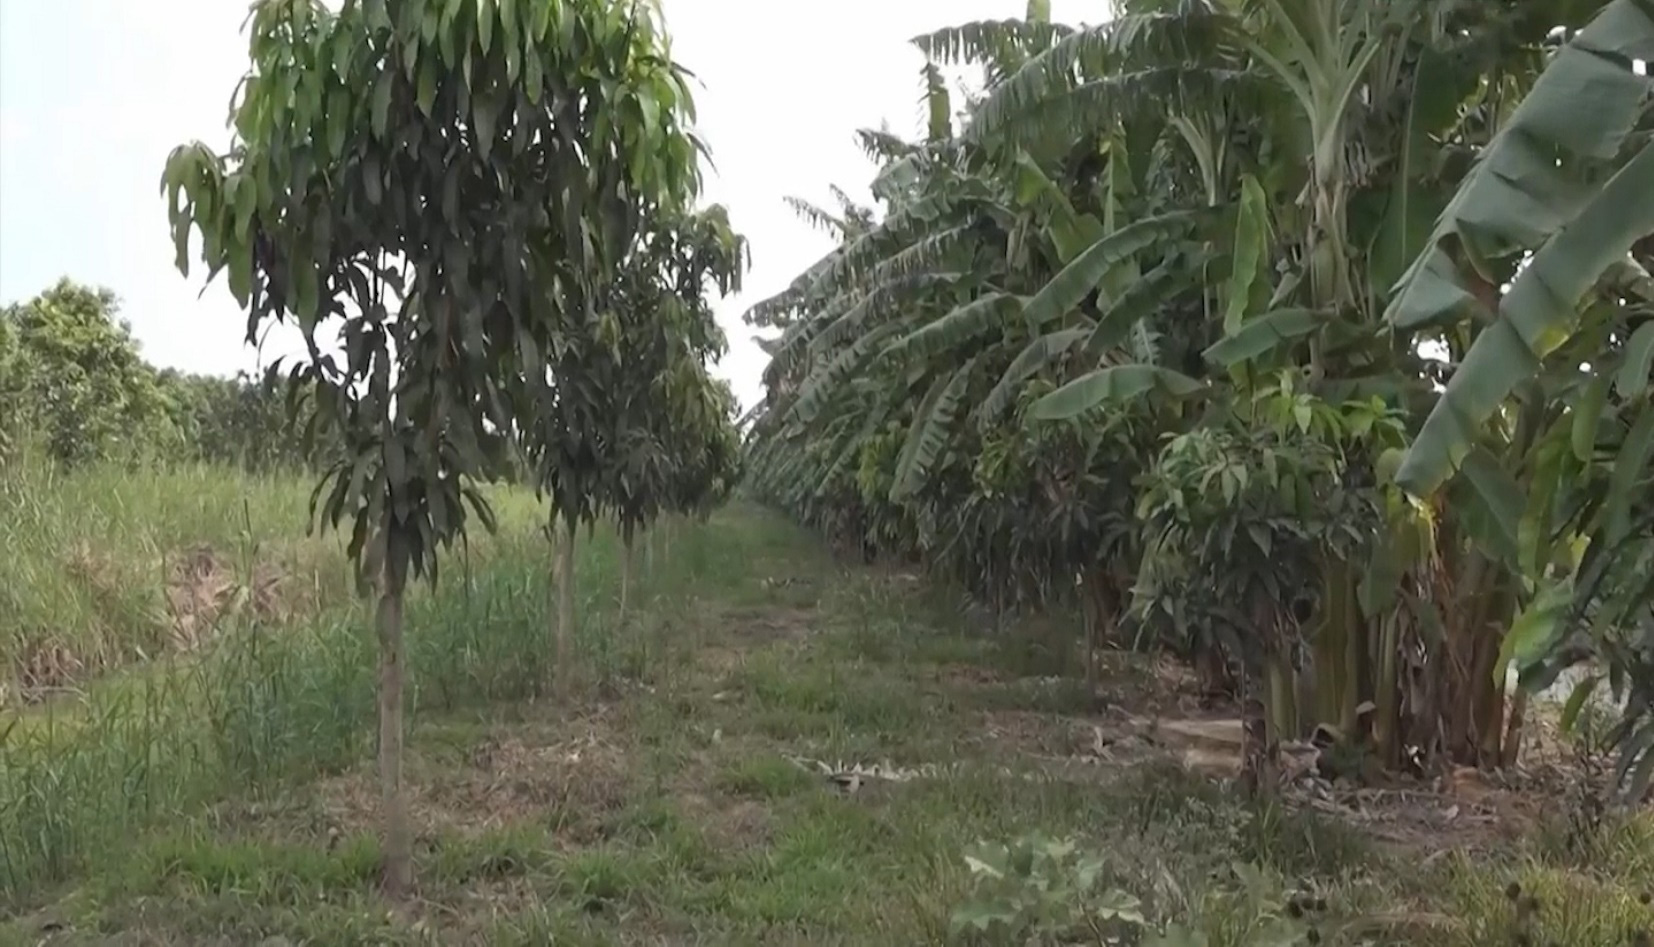 Vùng đất nhiễm phèn nặng vươn lên thành thủ phủ cây ăn trái - Ảnh 2.